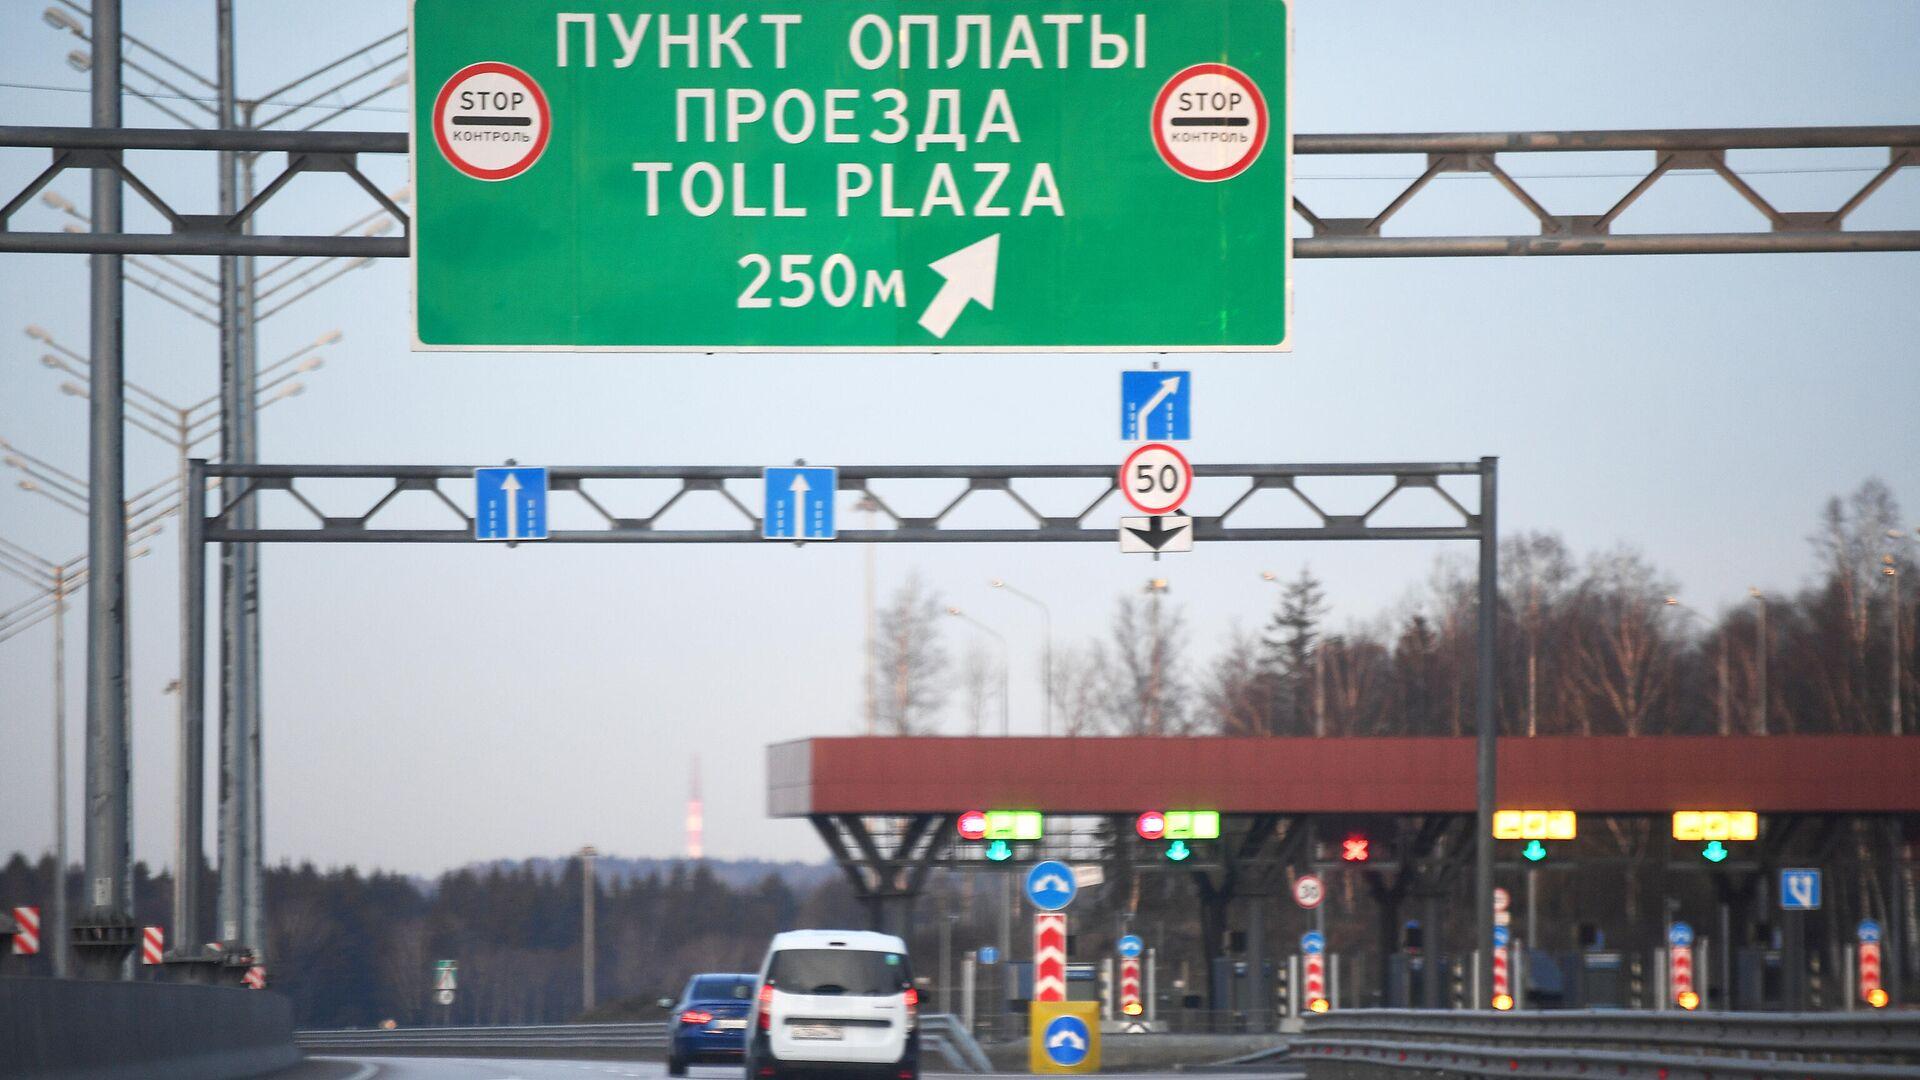 Стоимость проезда от москвы до твери по м11 на легковом автомобиле без транспортера перевозка людей конвейерами